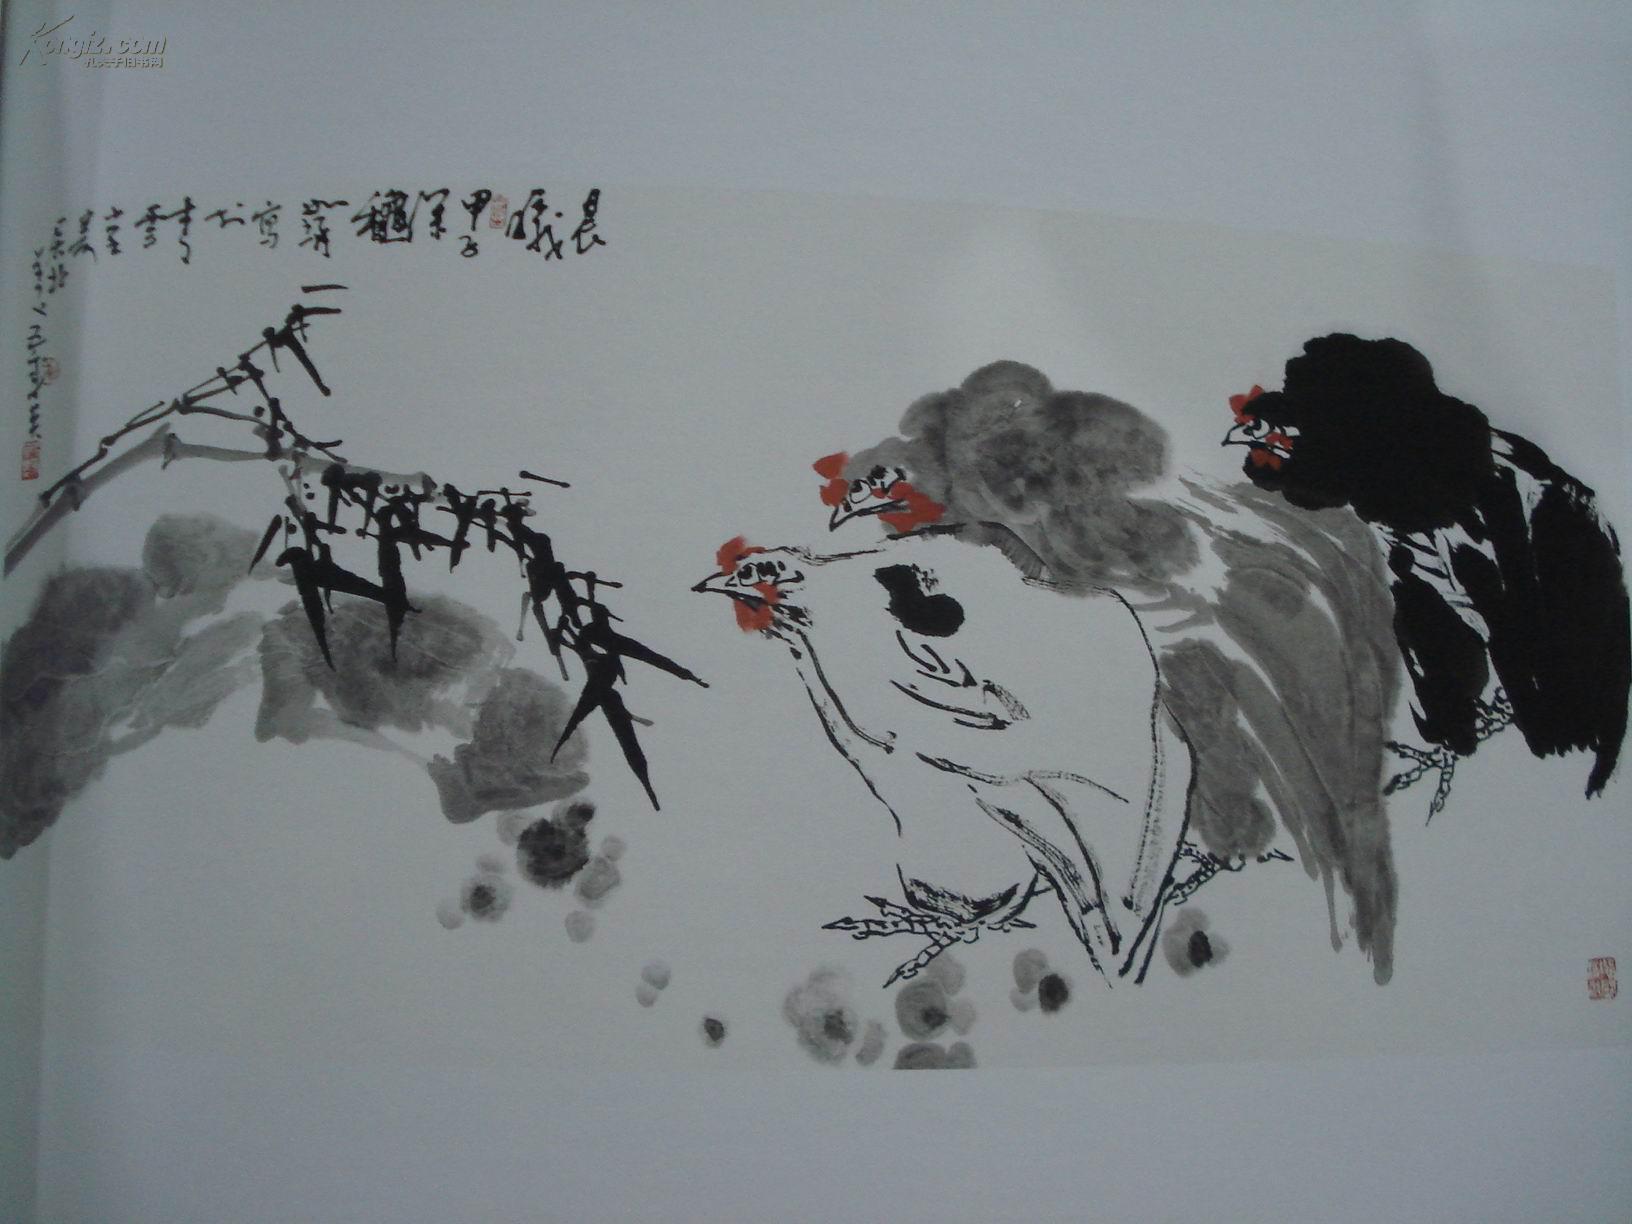 全新《如琢书画收藏集》当代著名美籍中国画家崔如琢先生书画作品收藏图片